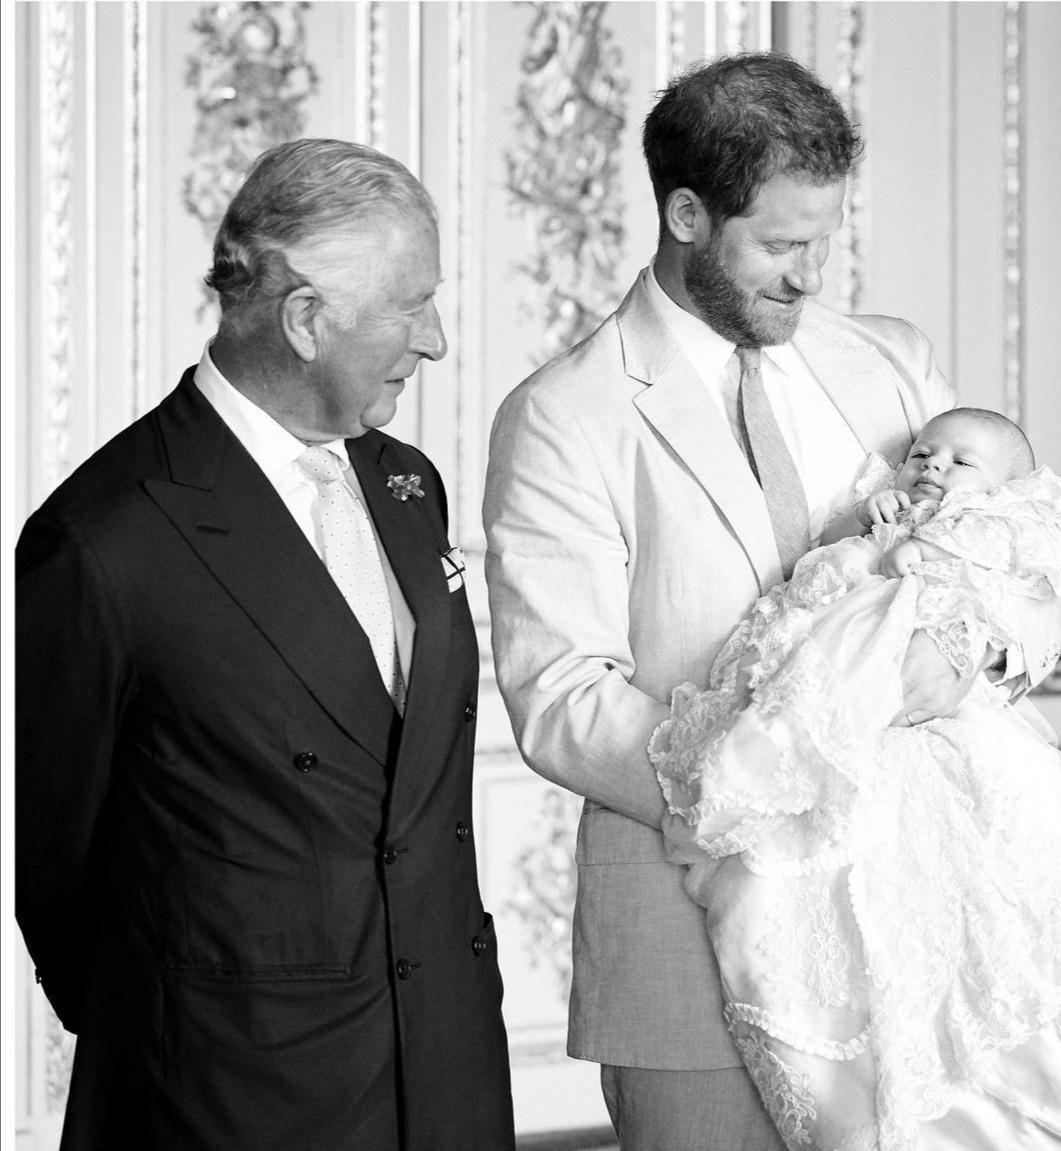 هاري يحمل آرتشي وبجانبه الأمير تشارلز-الصورة من حساب رويال ساسكس على إنستغرام